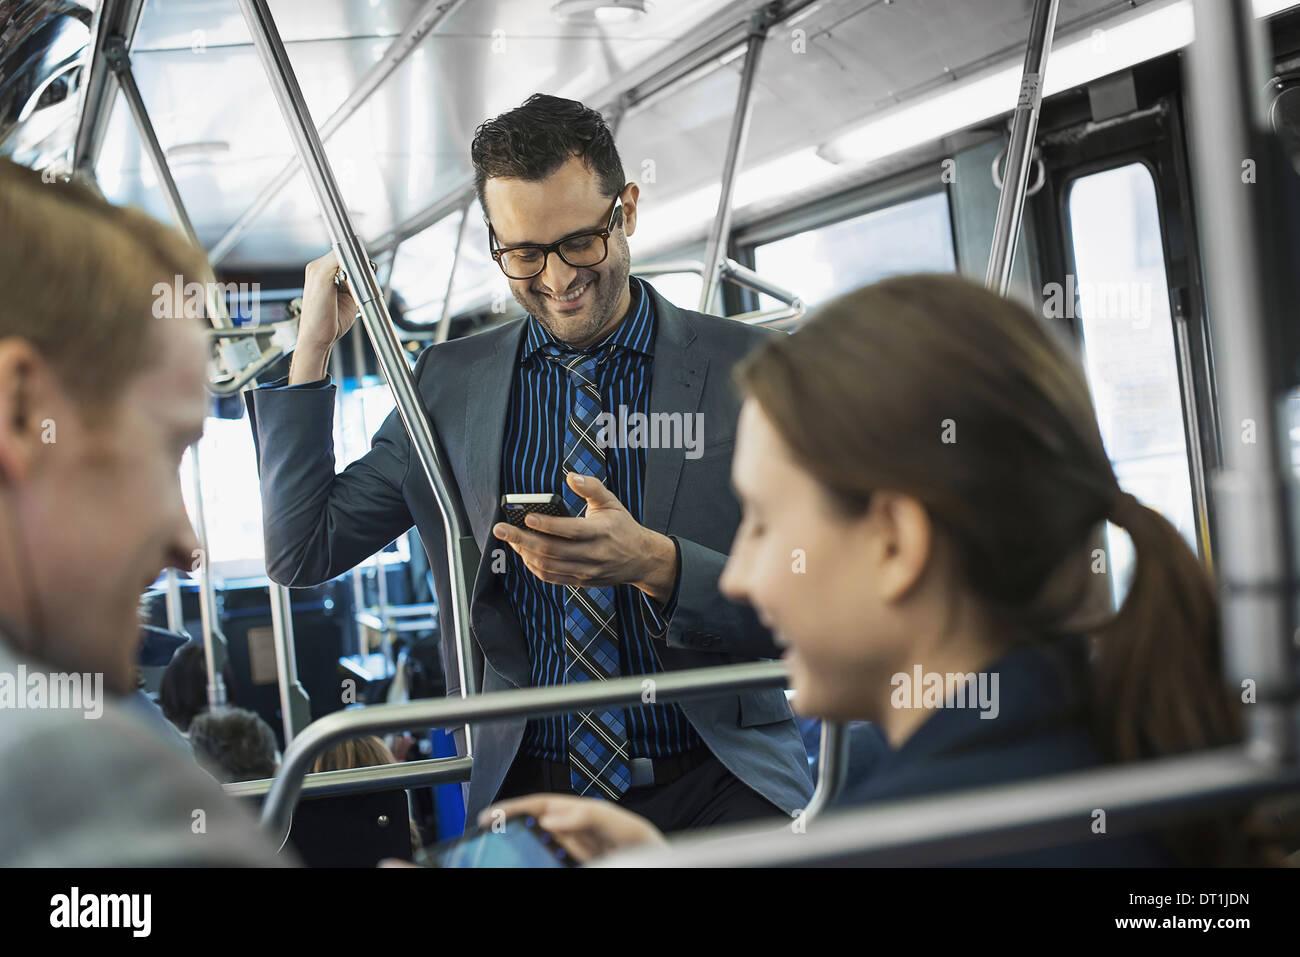 Tre persone che si muovono due uomini e una donna sul bus Immagini Stock